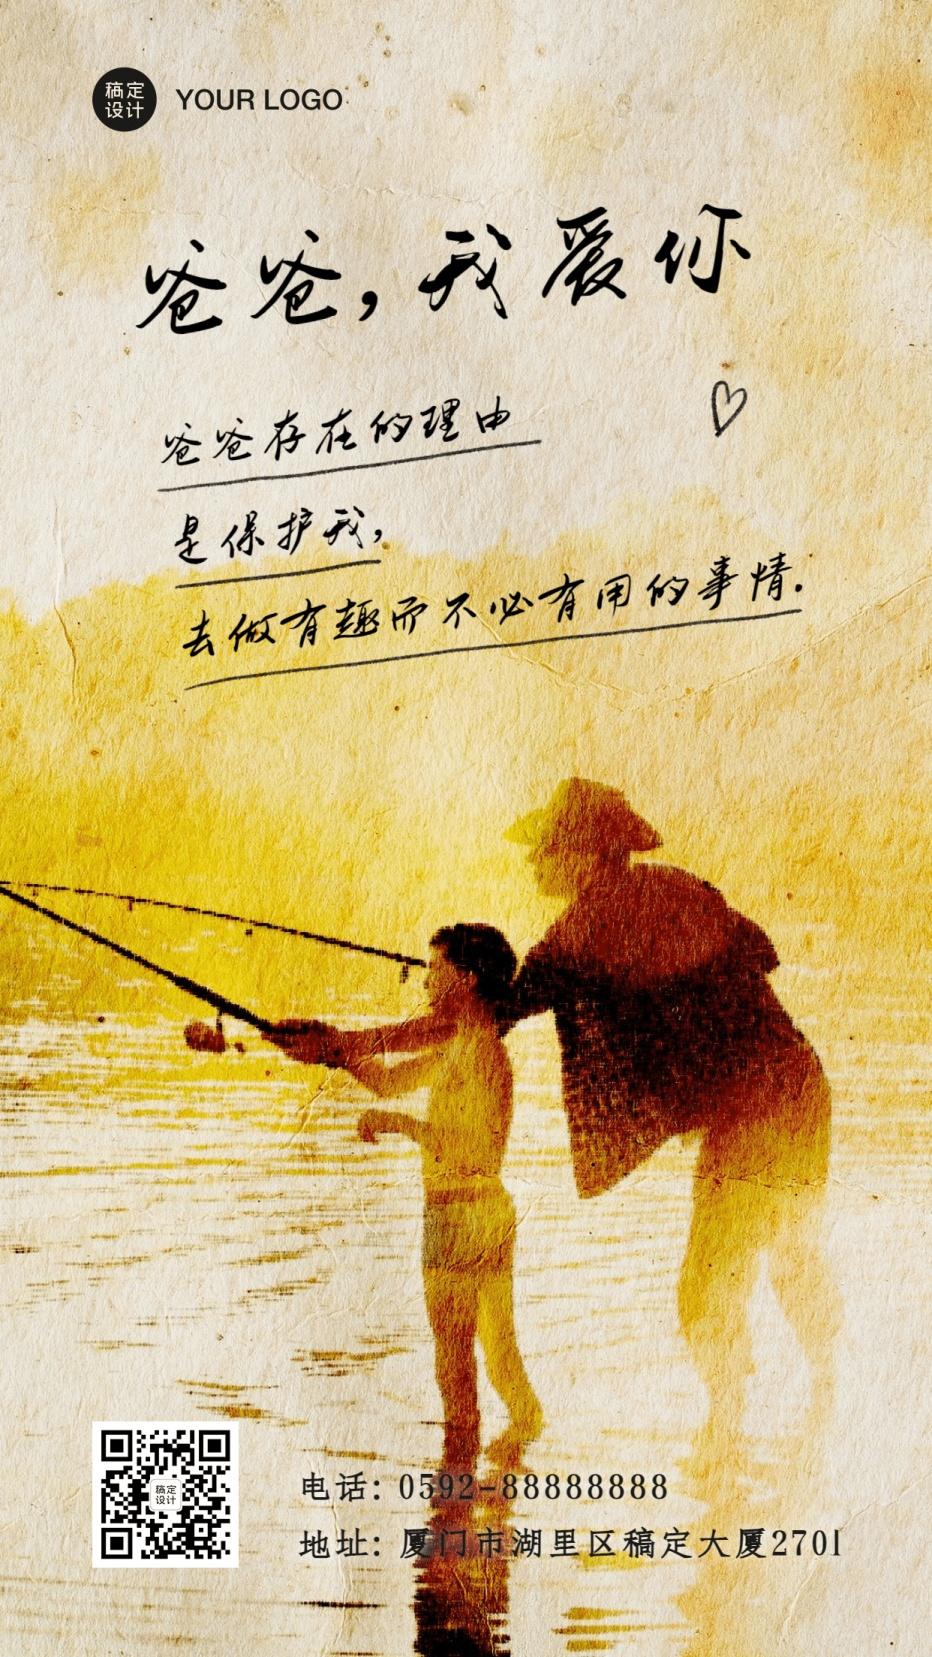 父亲节手写字祝福实景手机海报